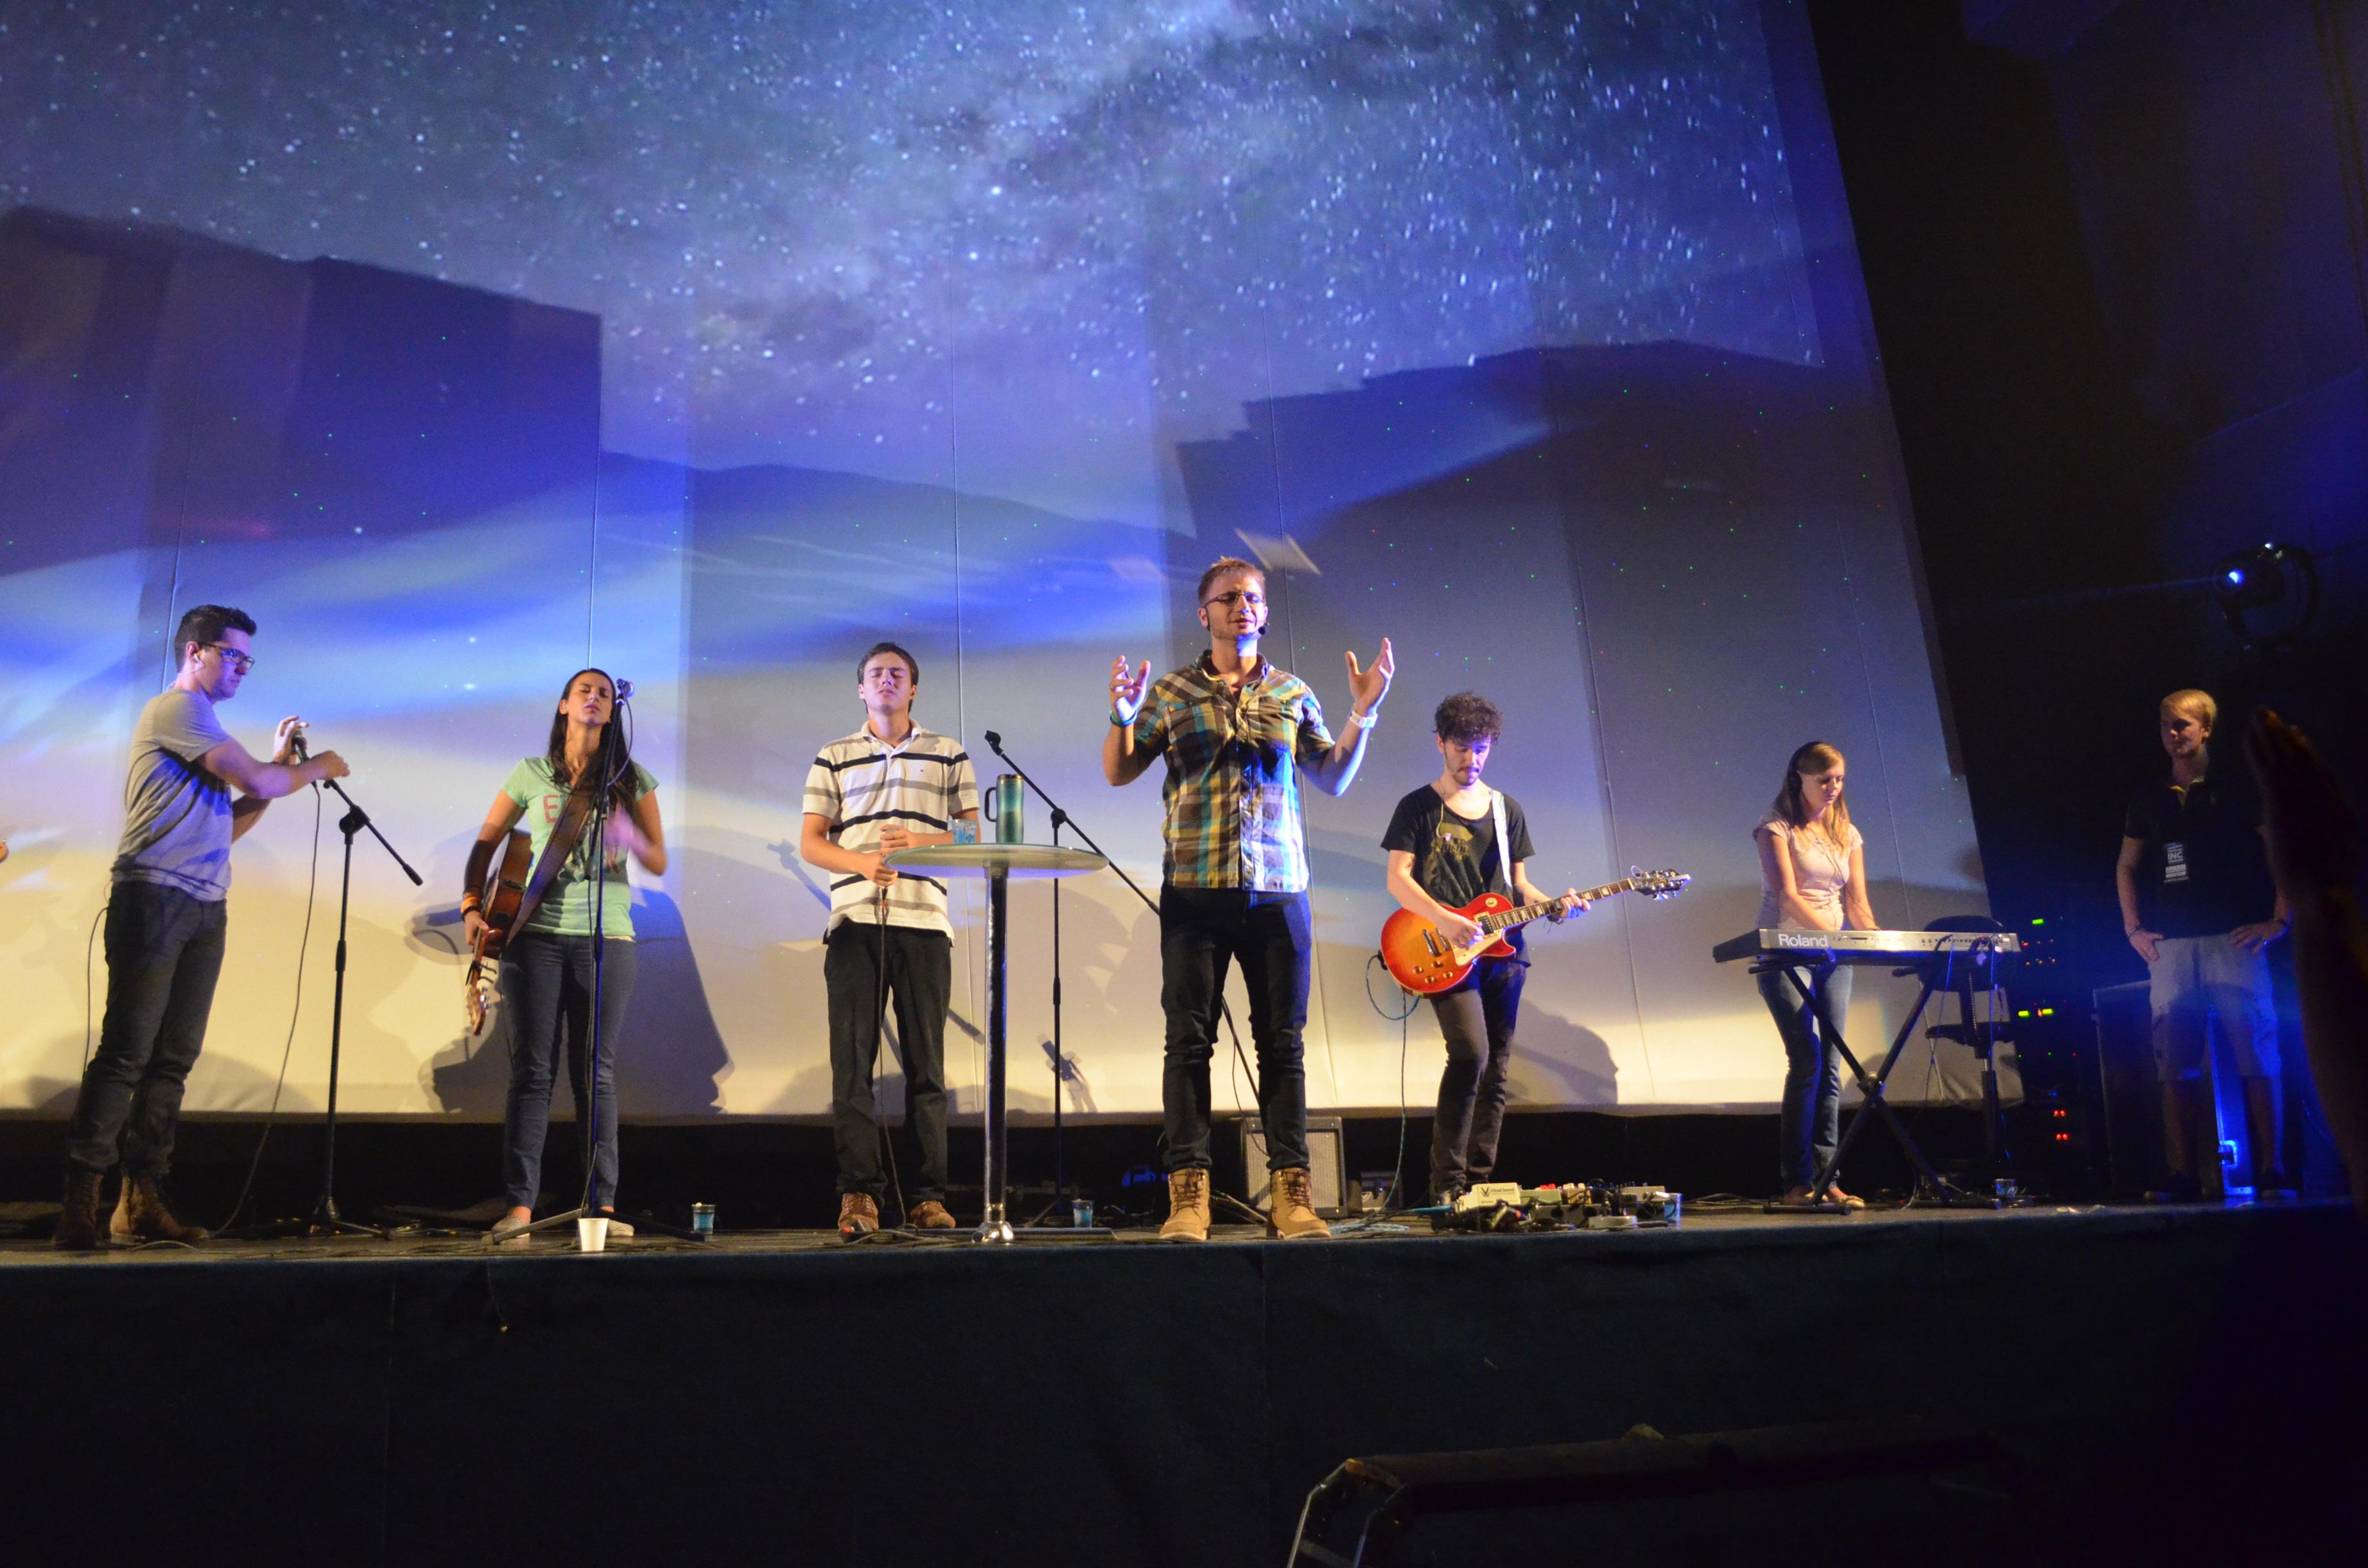 Igreja no cinema. Foto: Amanda Bedide